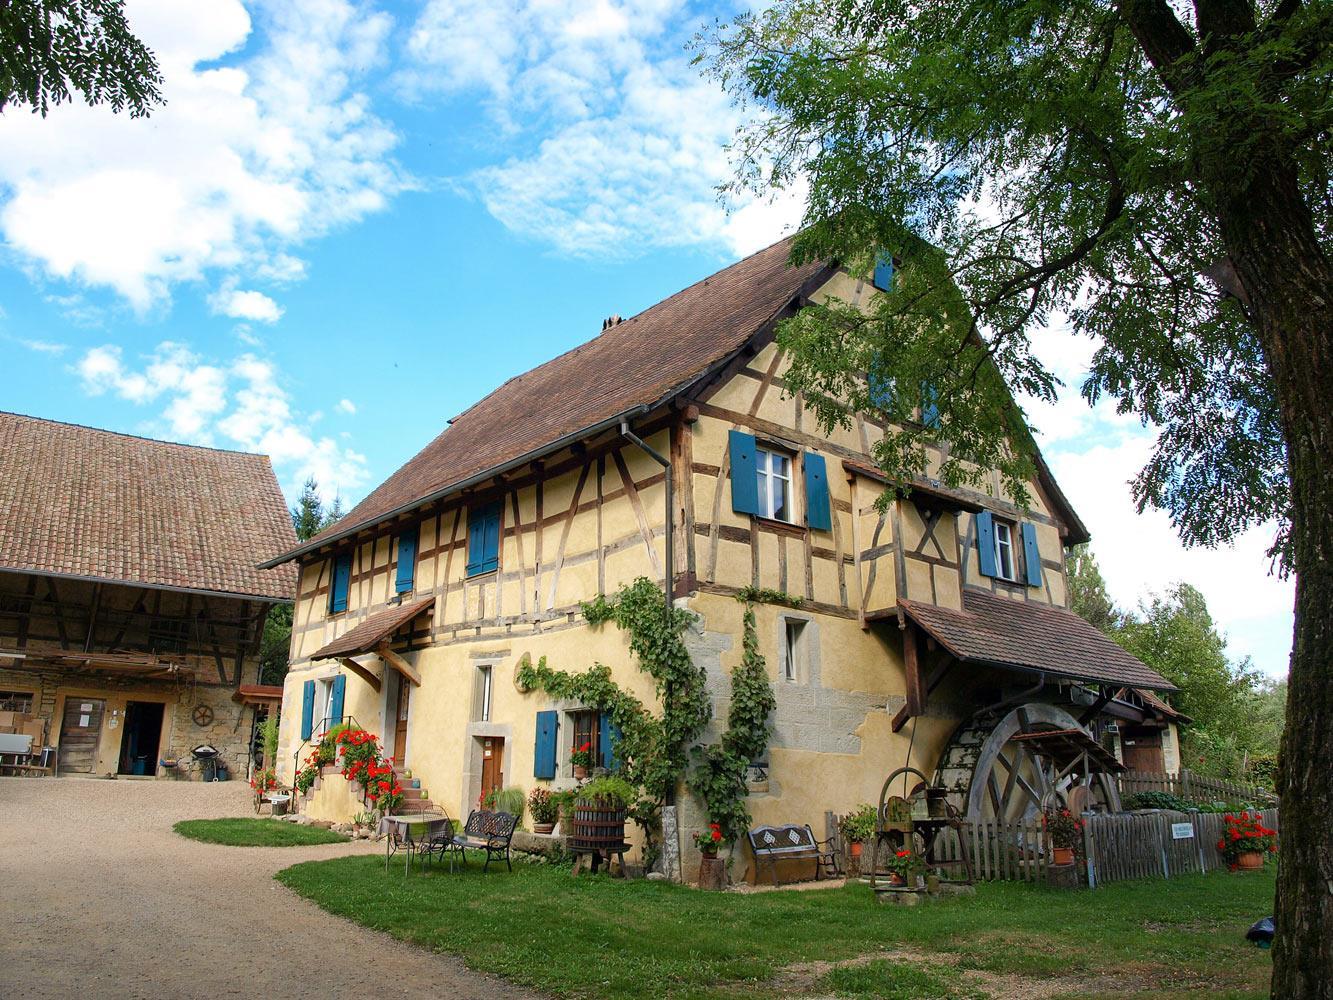 Randonnée pédestre: Découverte de la vallée de Hundsbach